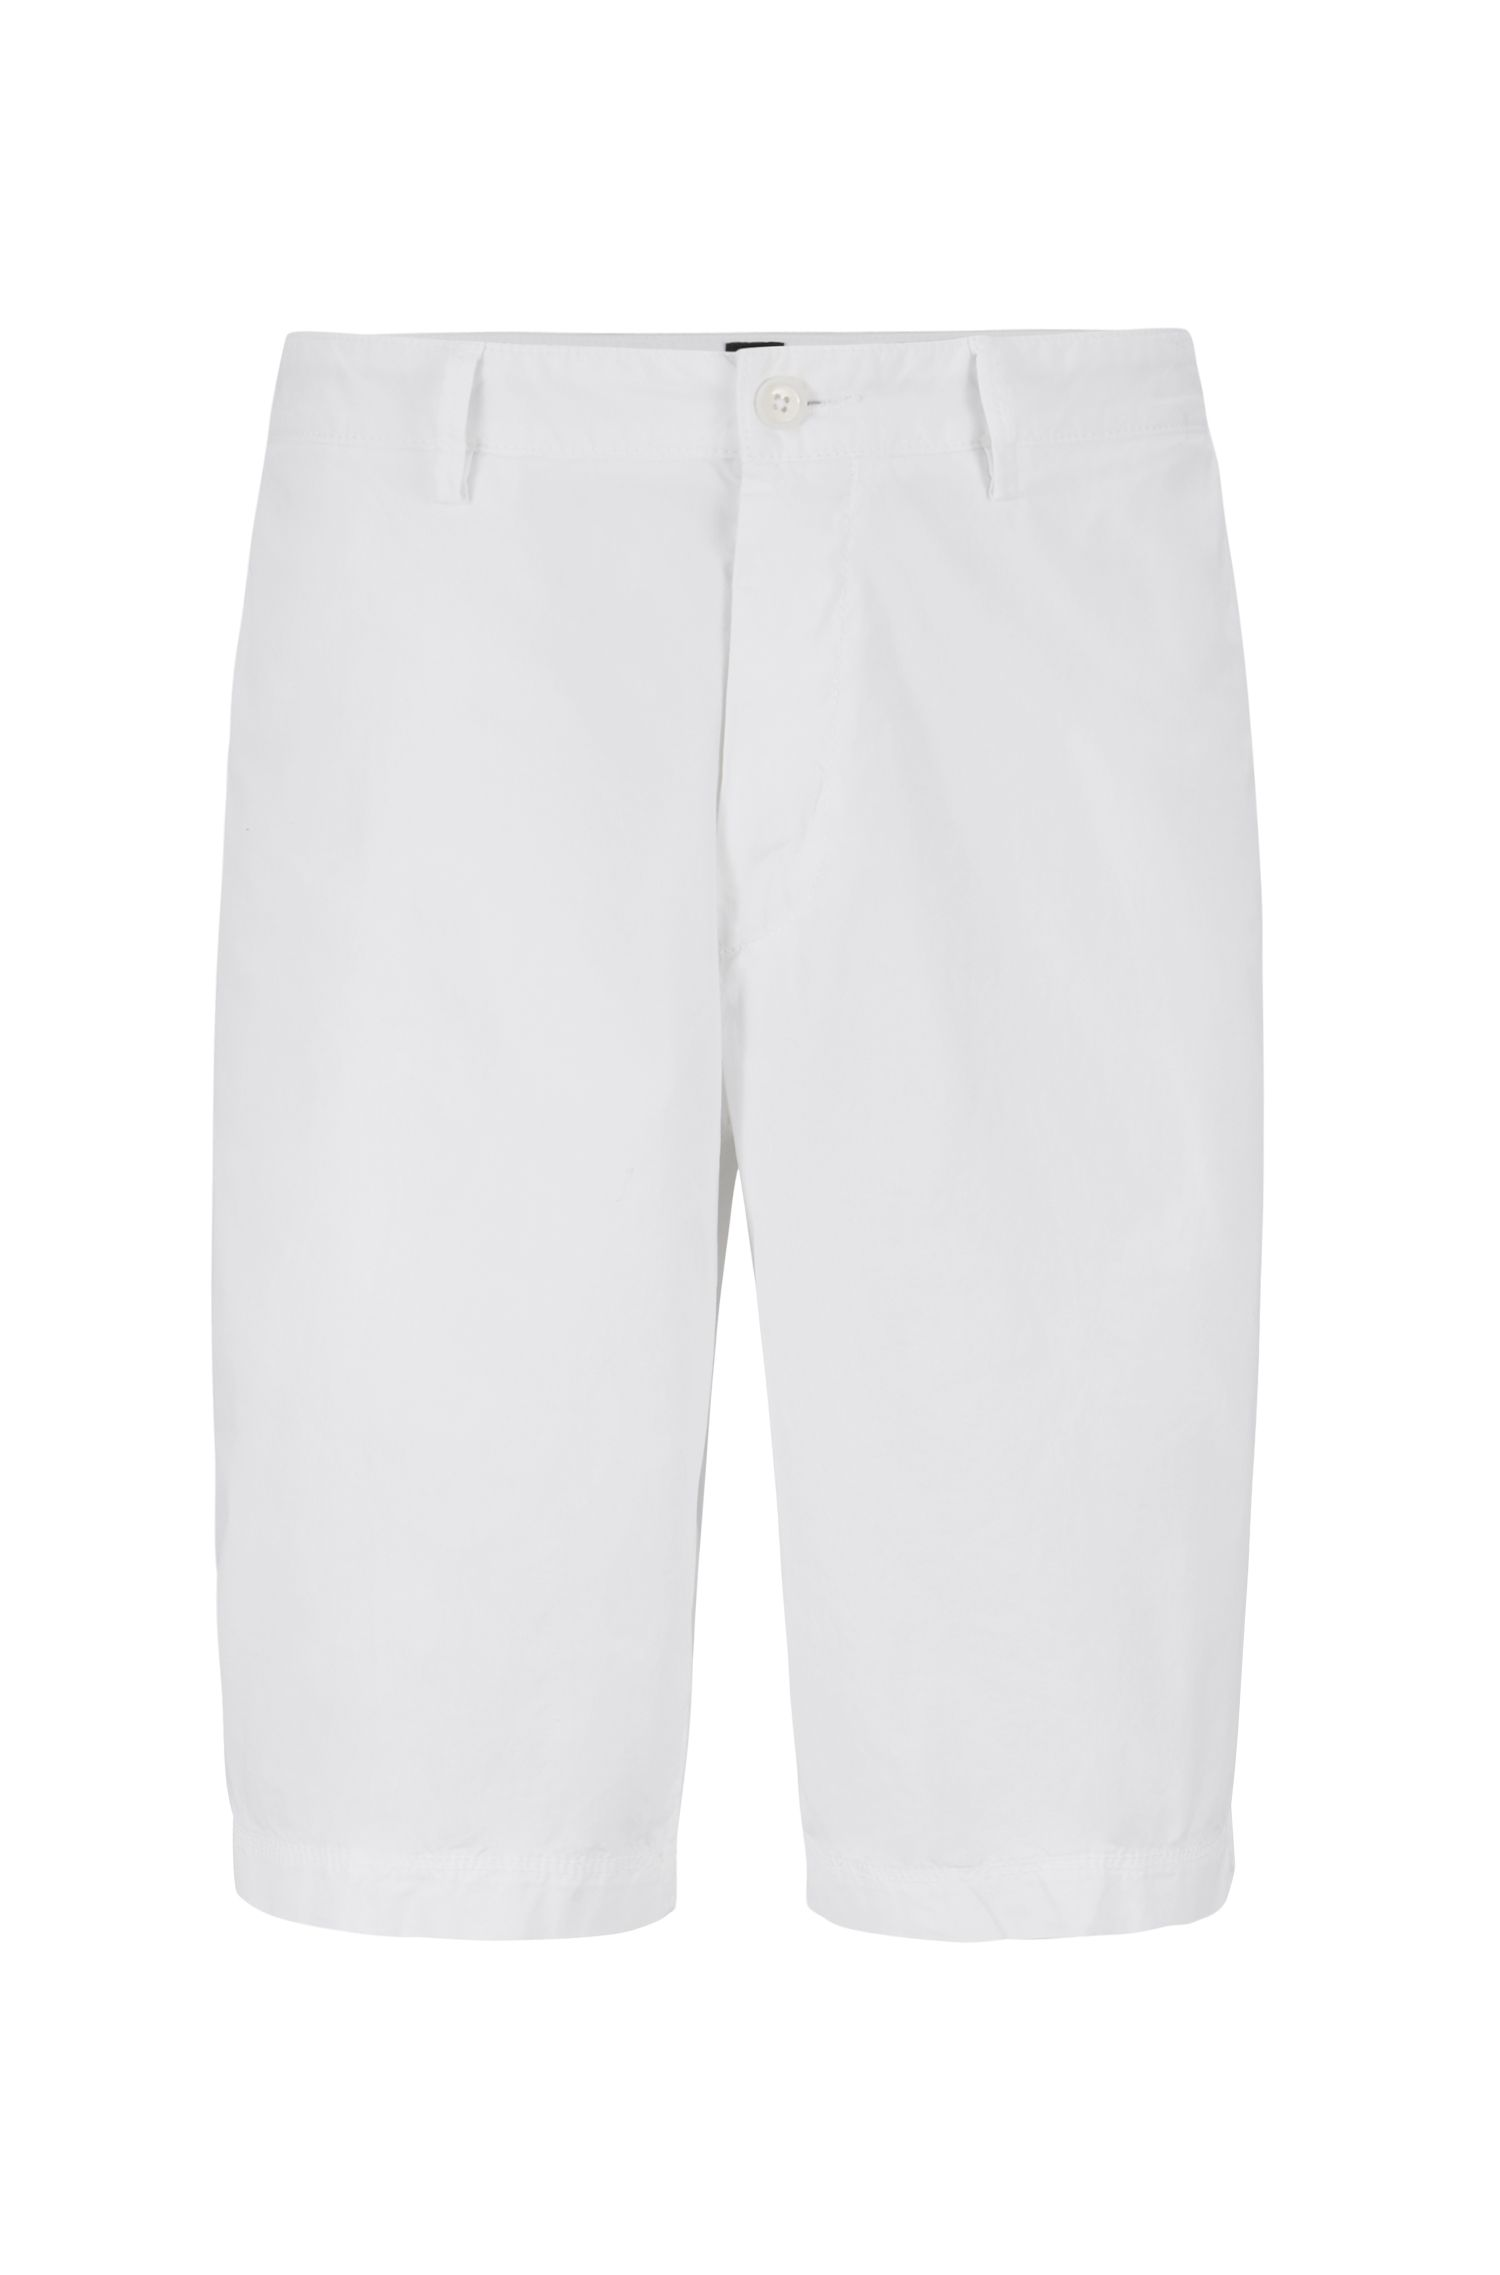 Shorts regular fit en sarga de algodón elástico italiano, Blanco